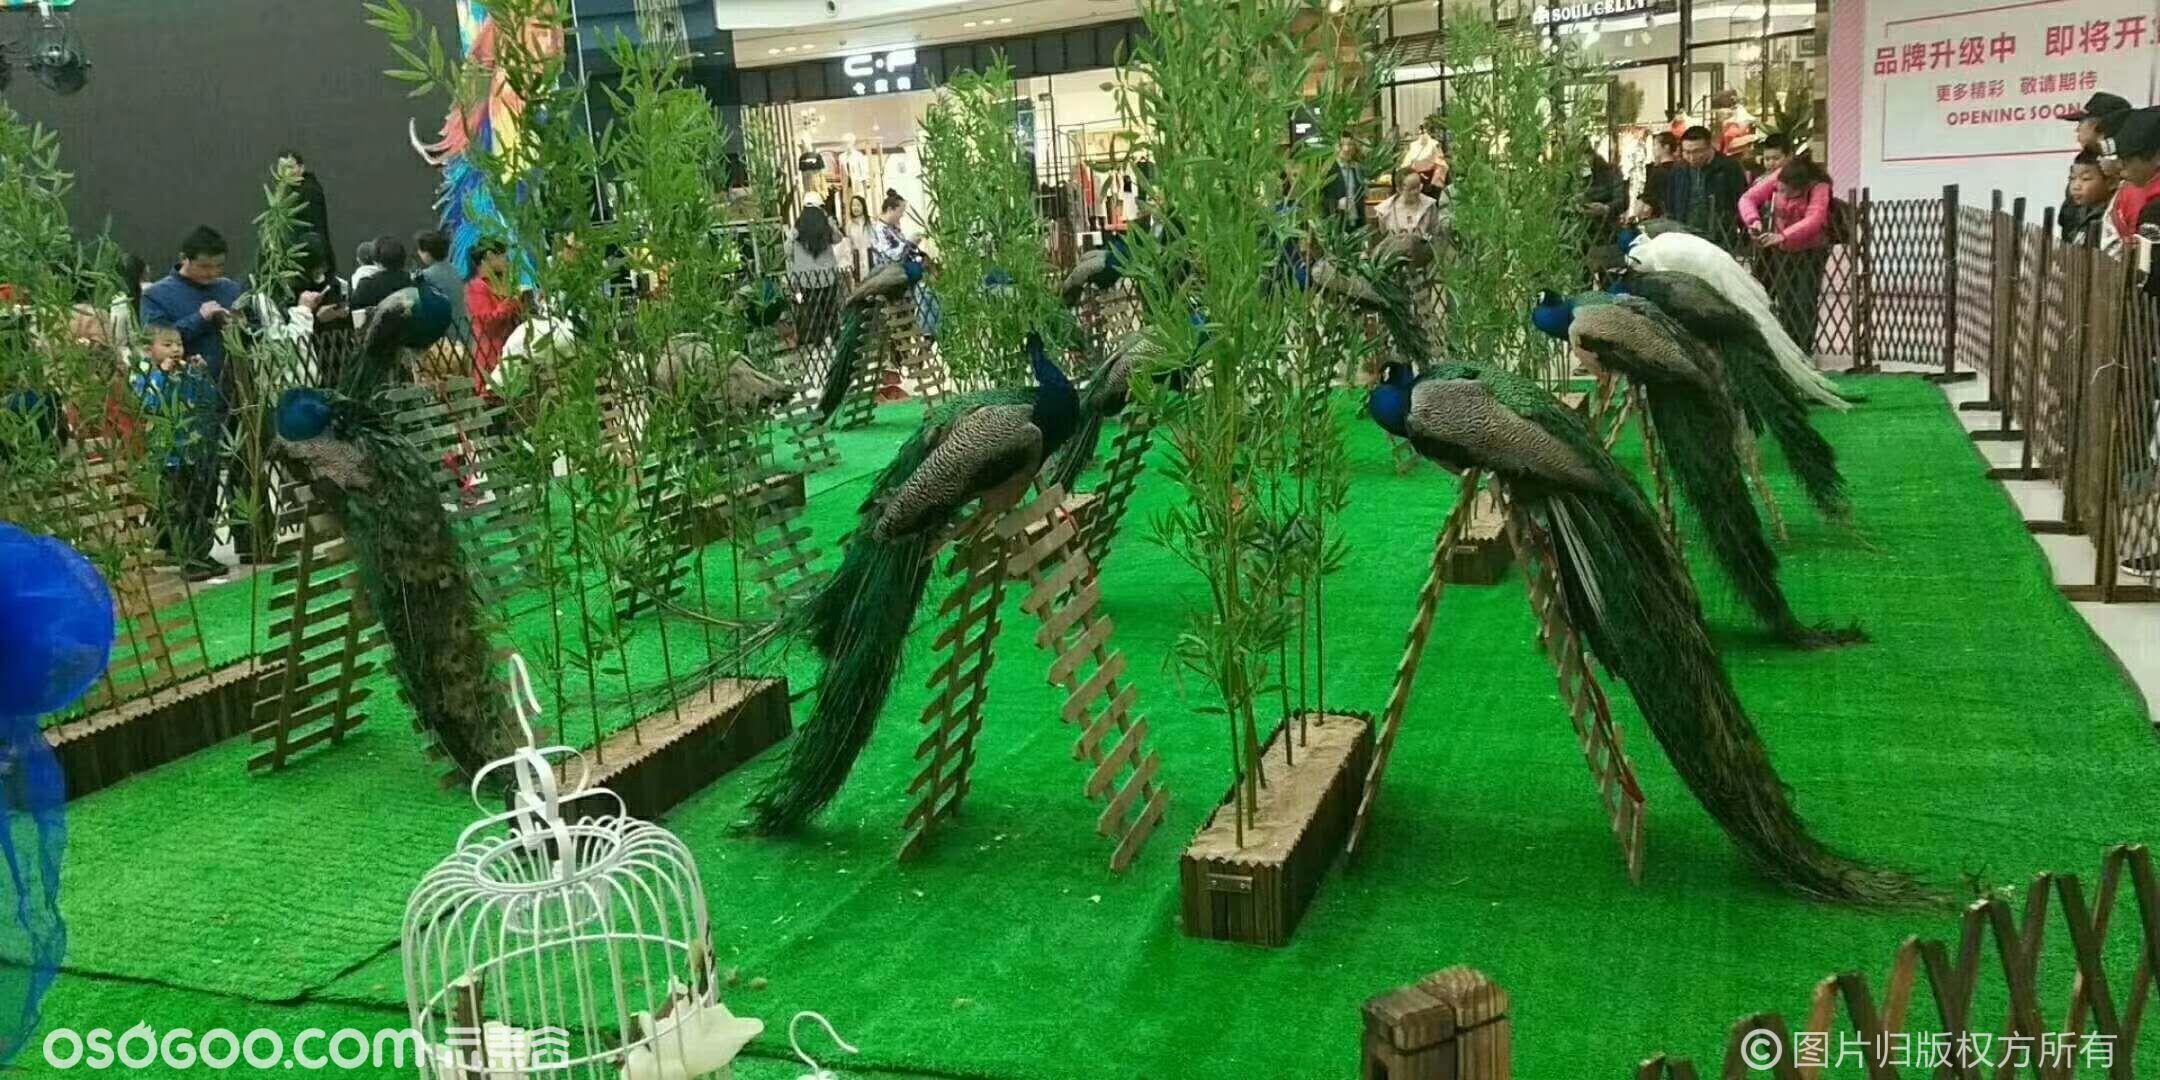 百鸟园主题活动 租赁百鸟展资源 鹦鹉表演出租